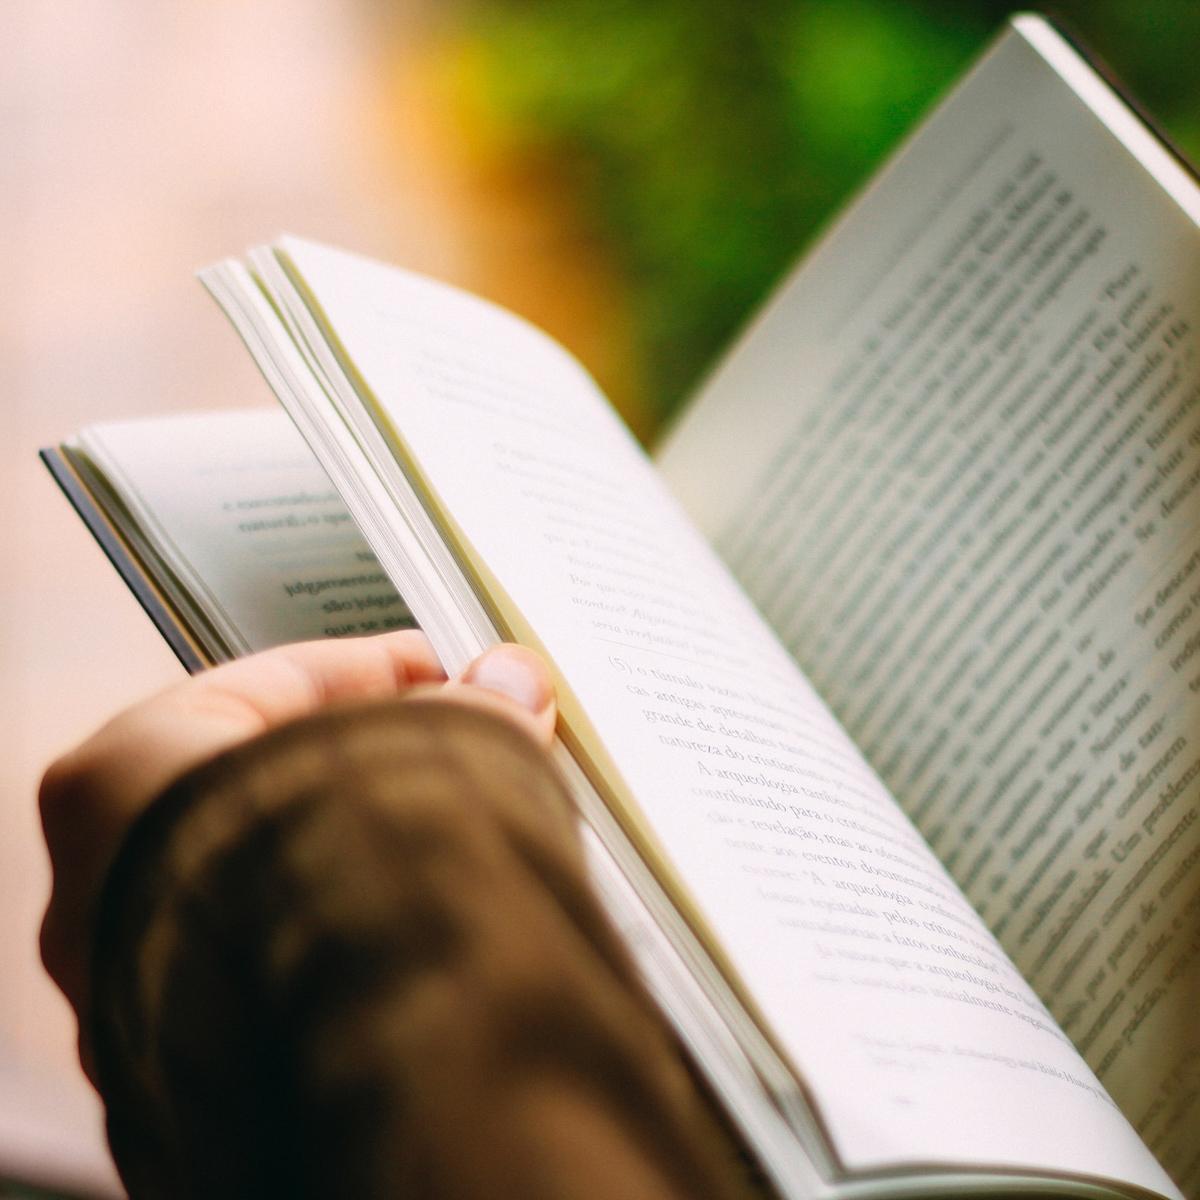 Buchempfehlungen zur Persöhnlichkeitsentwichlung